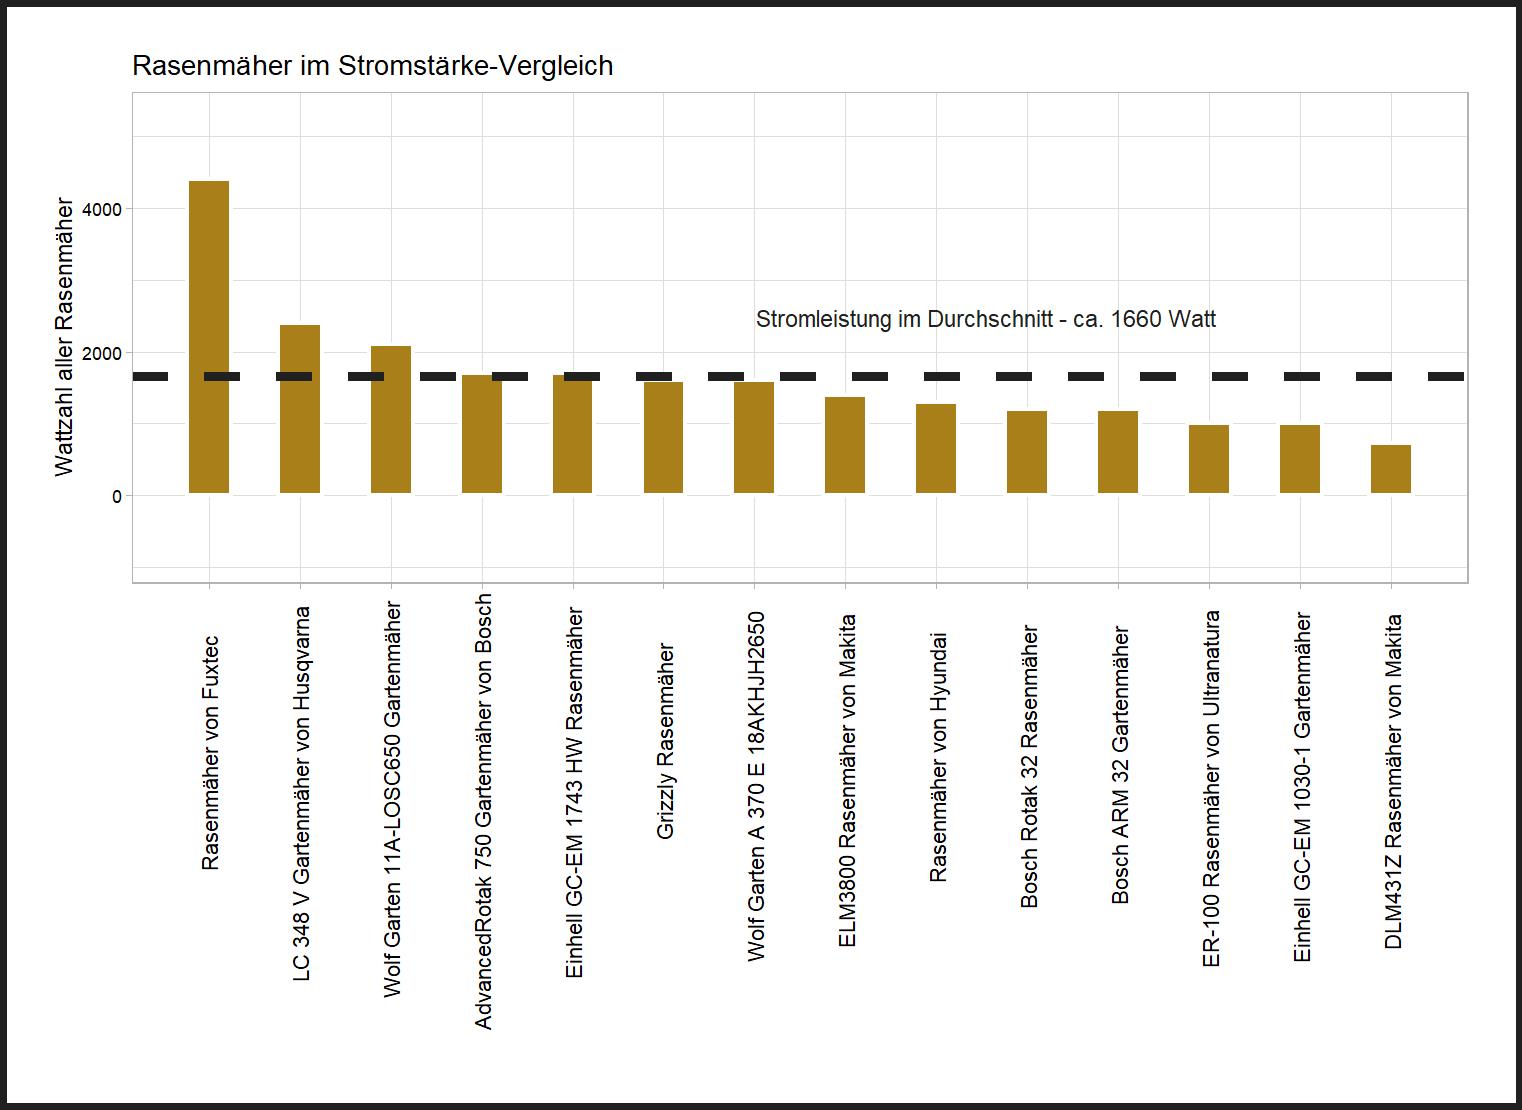 Stromleistung-Vergleich aller Rasenmäher